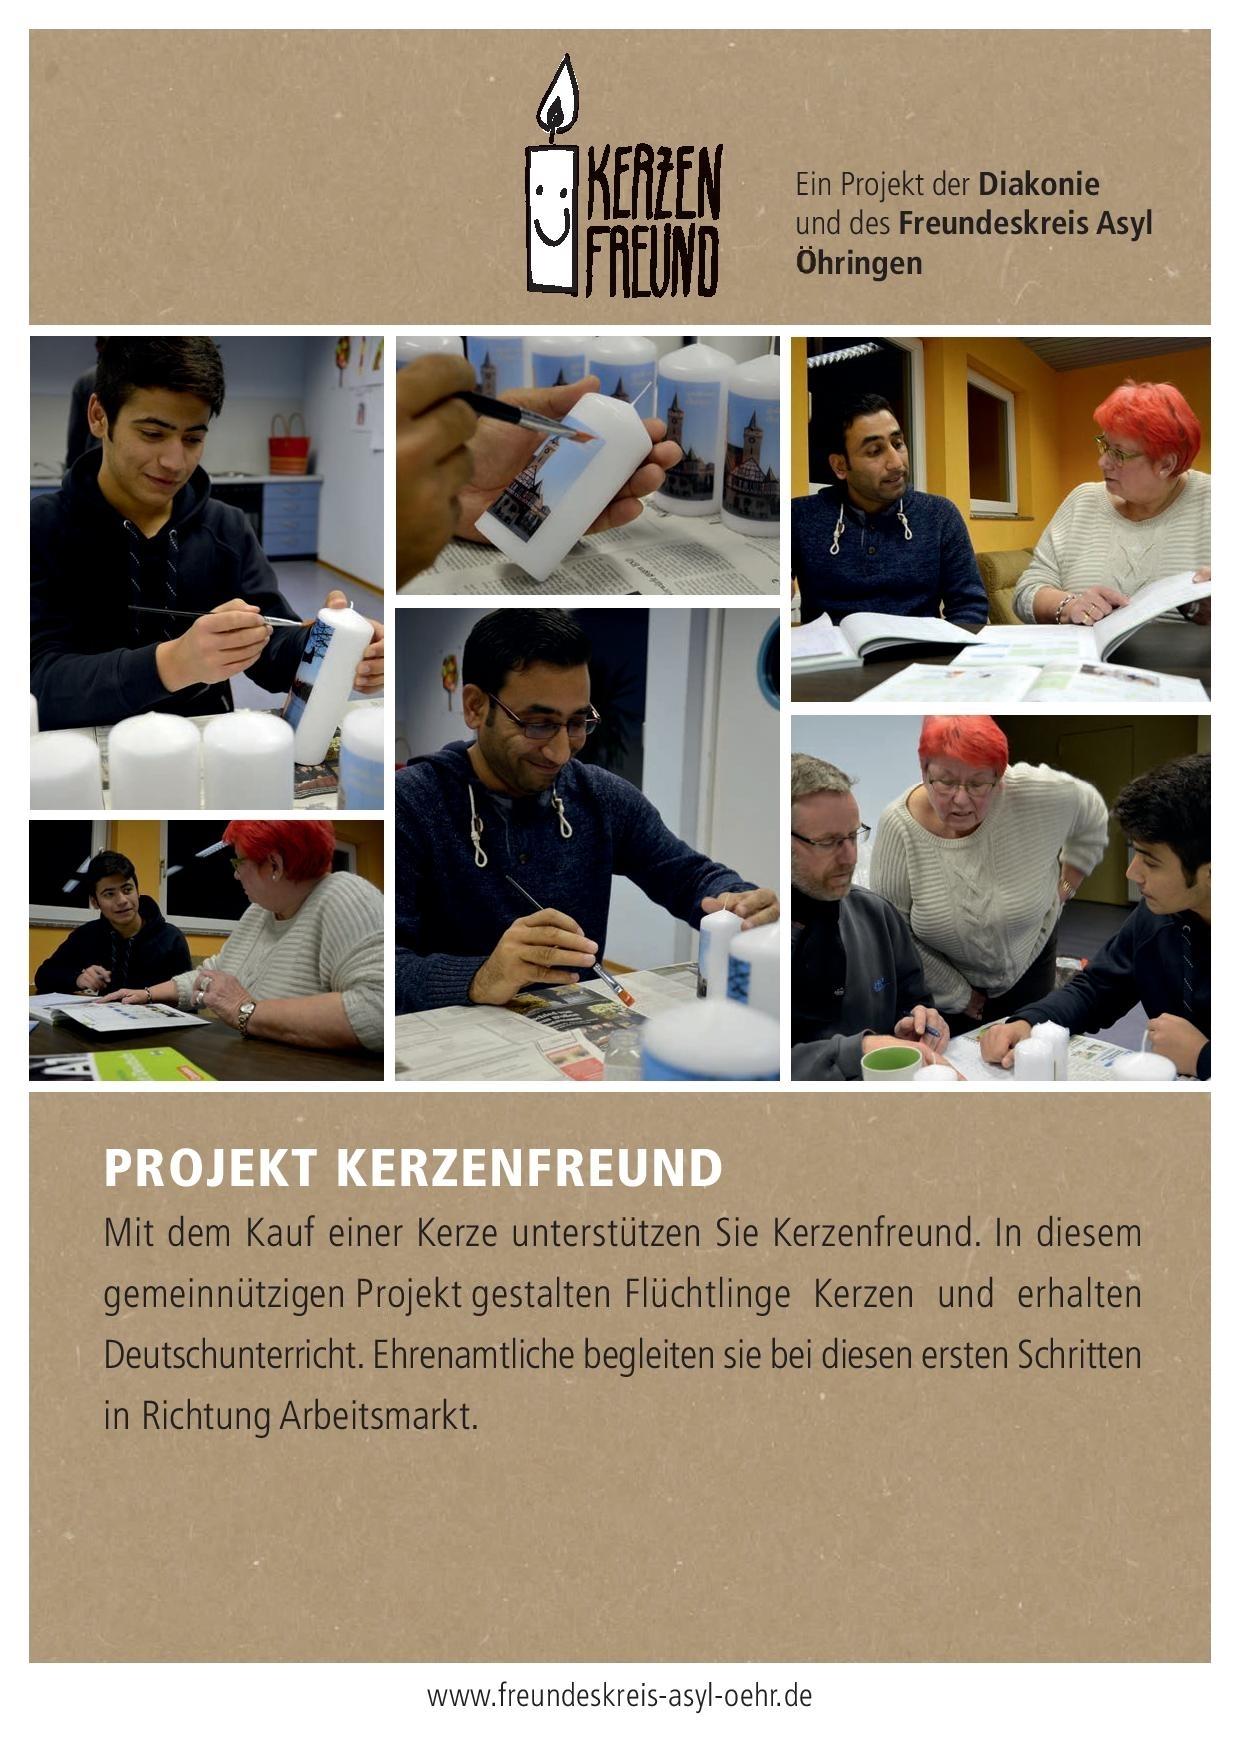 Projekt Kerzenfreund